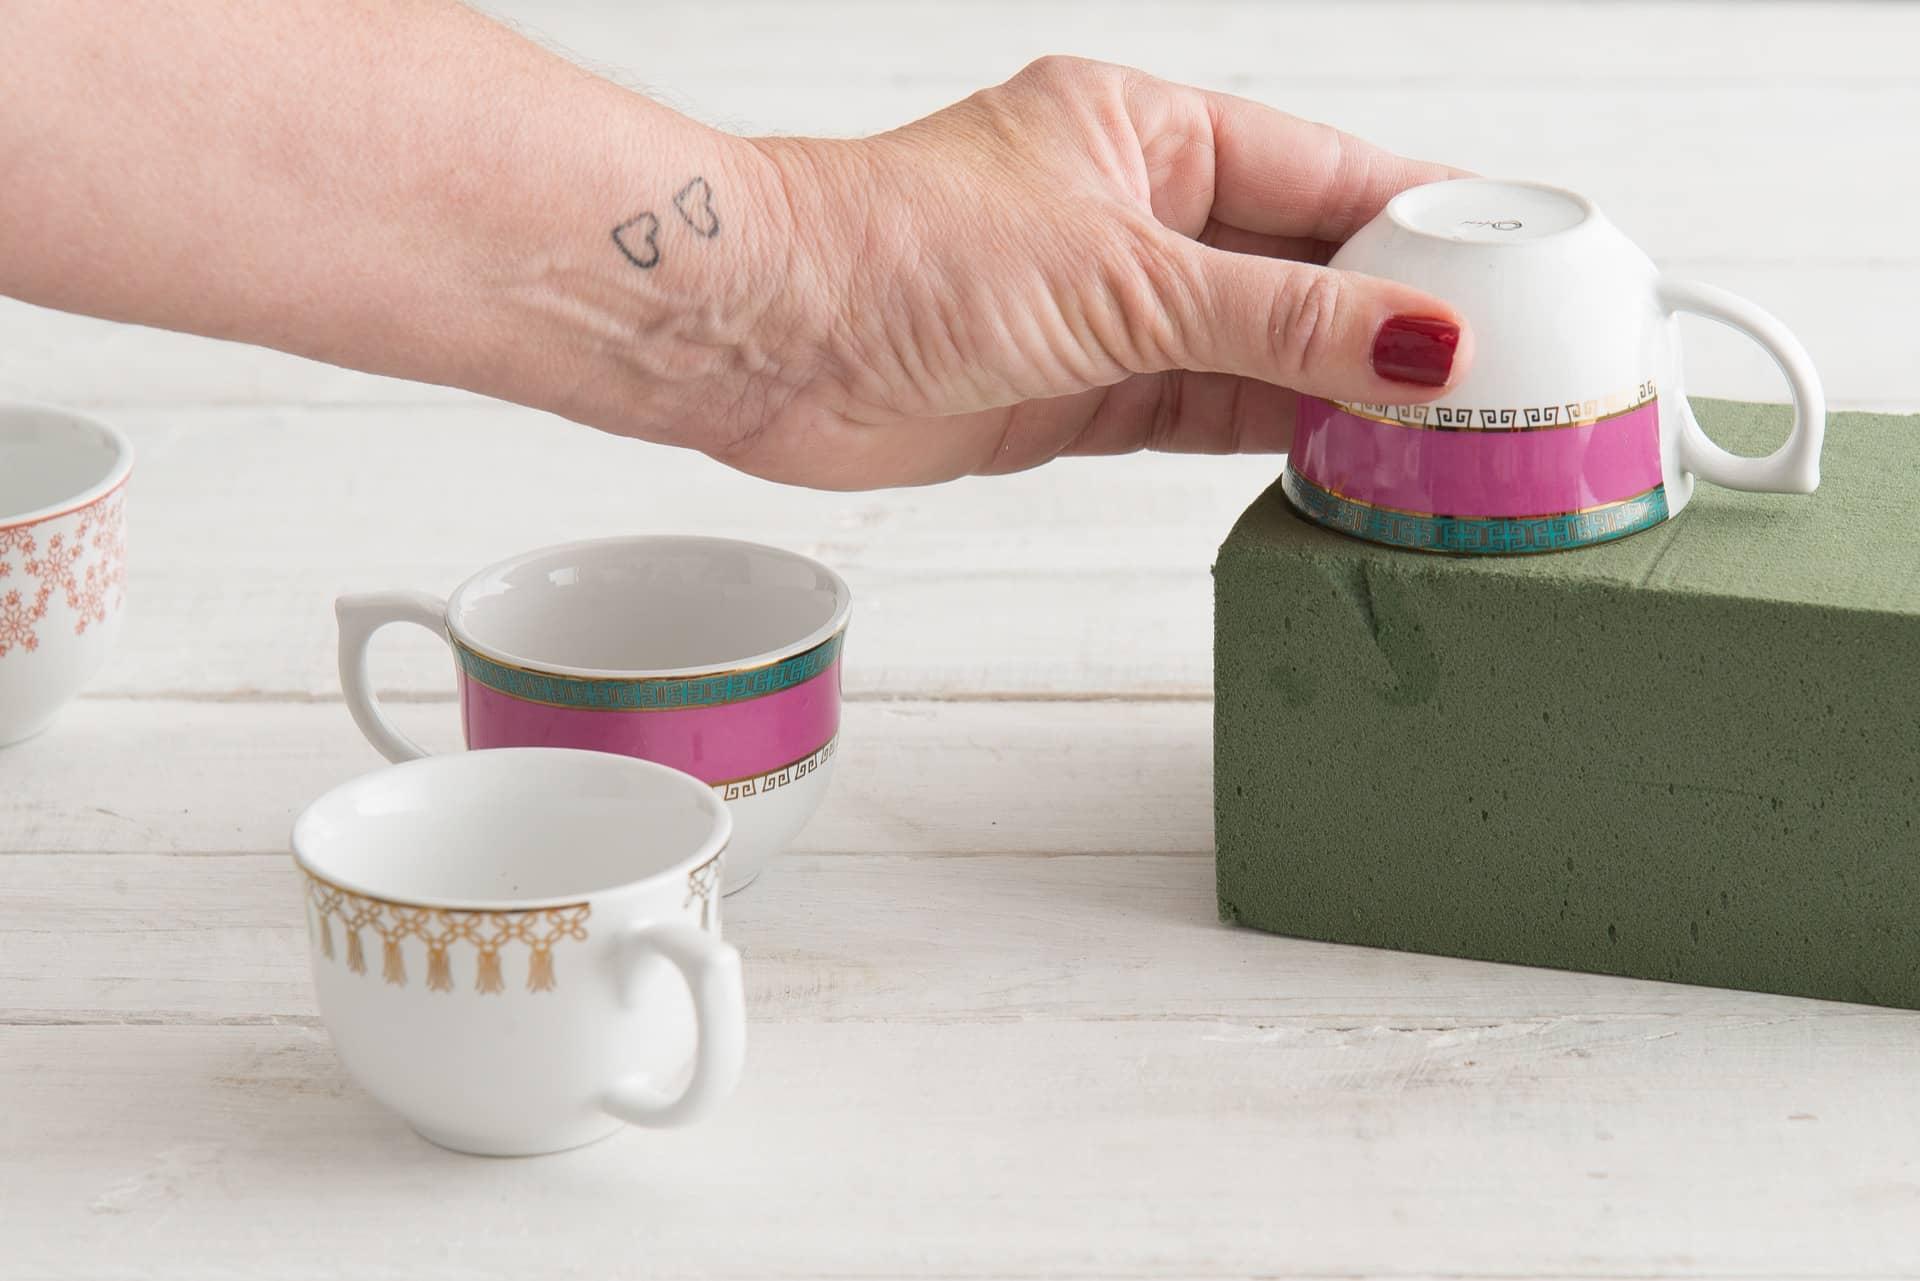 Imagem: Passo 2: Pressione a xícara contra a espuma para marcar o diâmetro.Foto: Cacá Bratke.